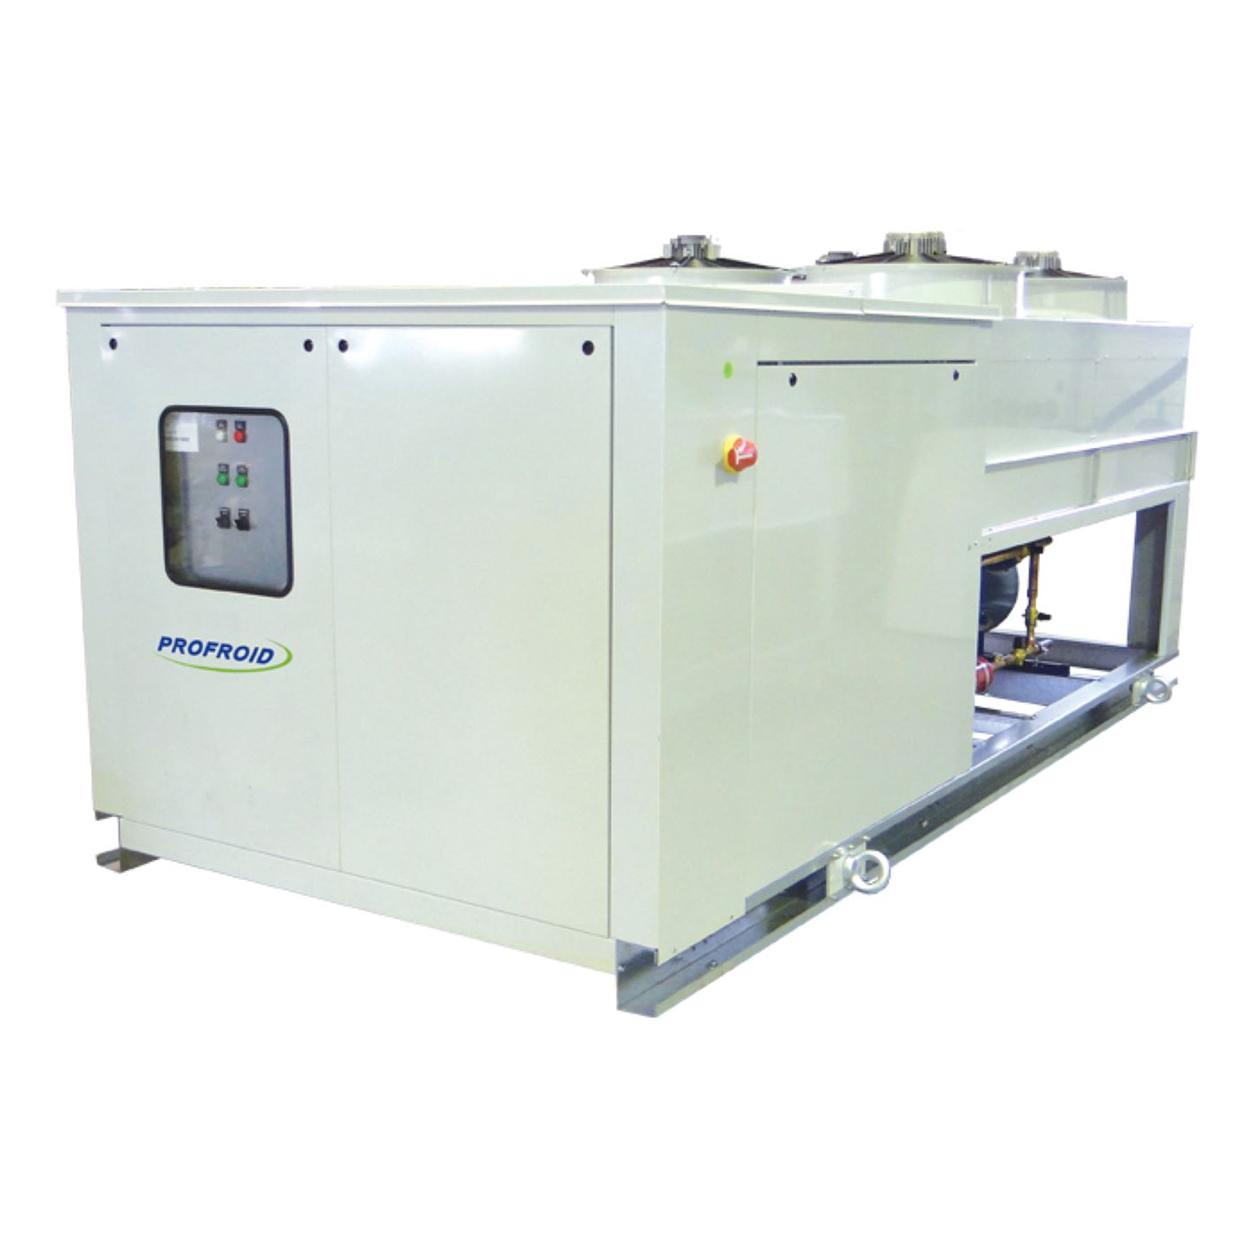 Profroid-GC-condensing-unit